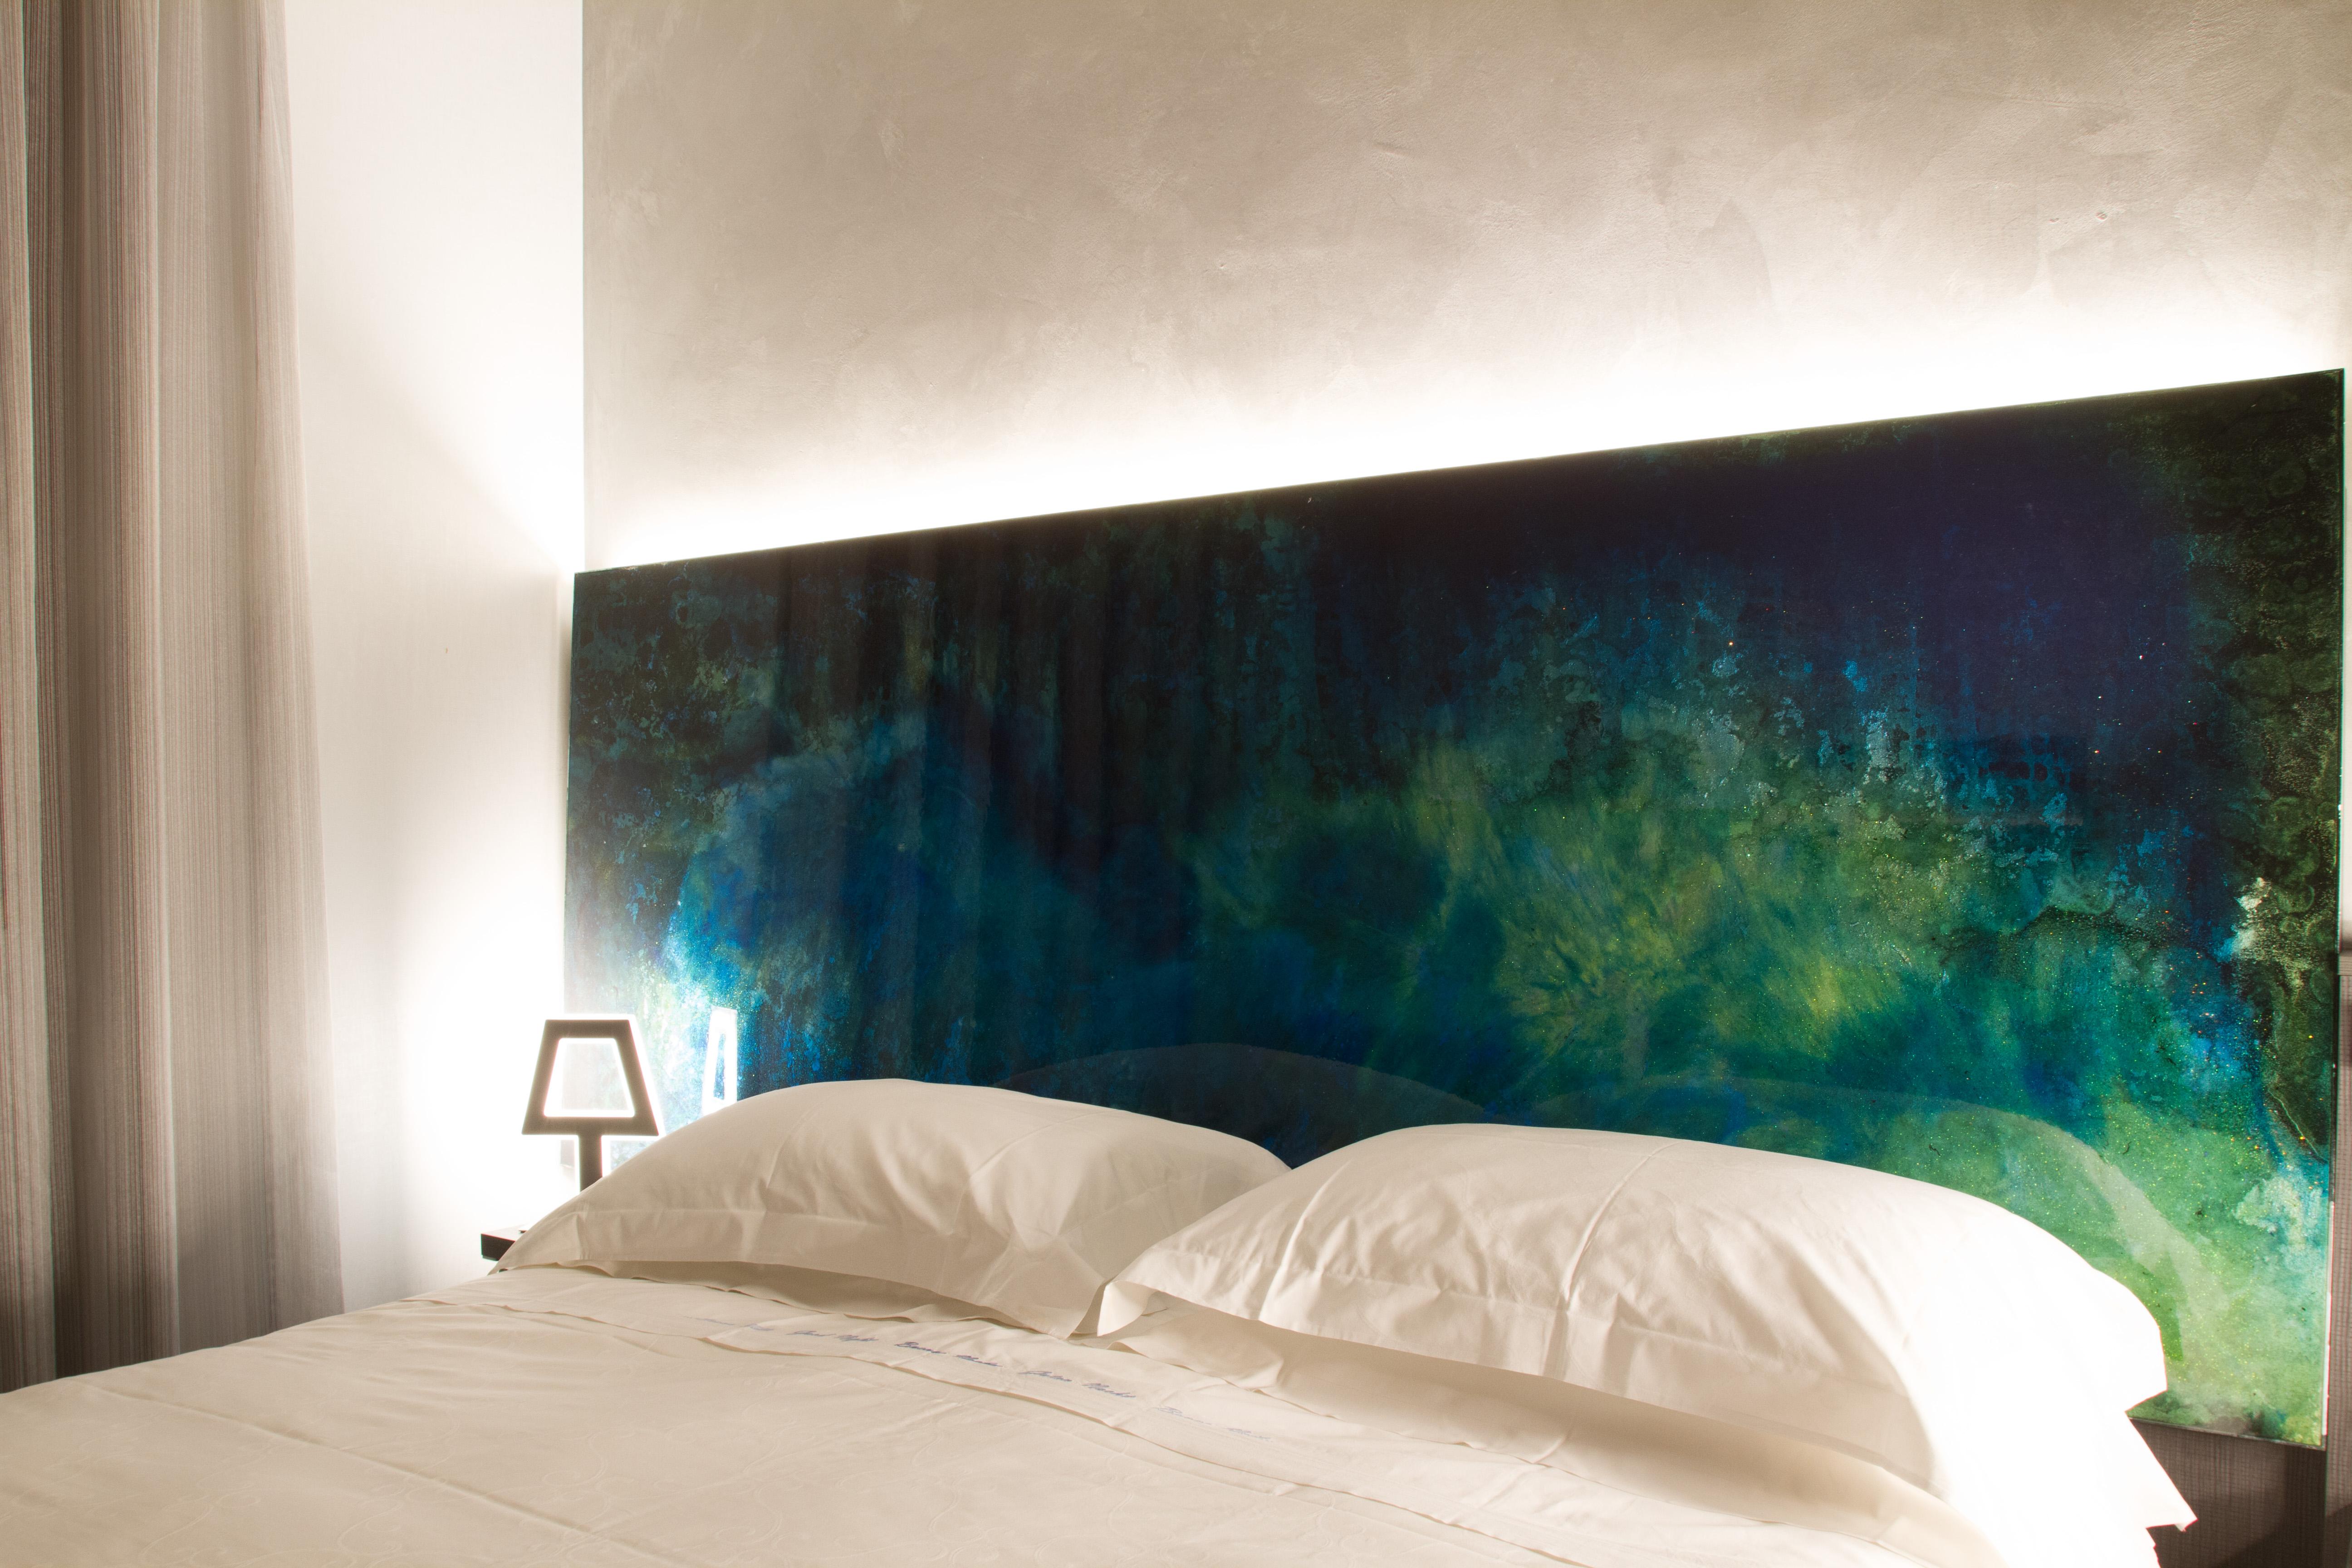 resina decorativa esempio testata letto